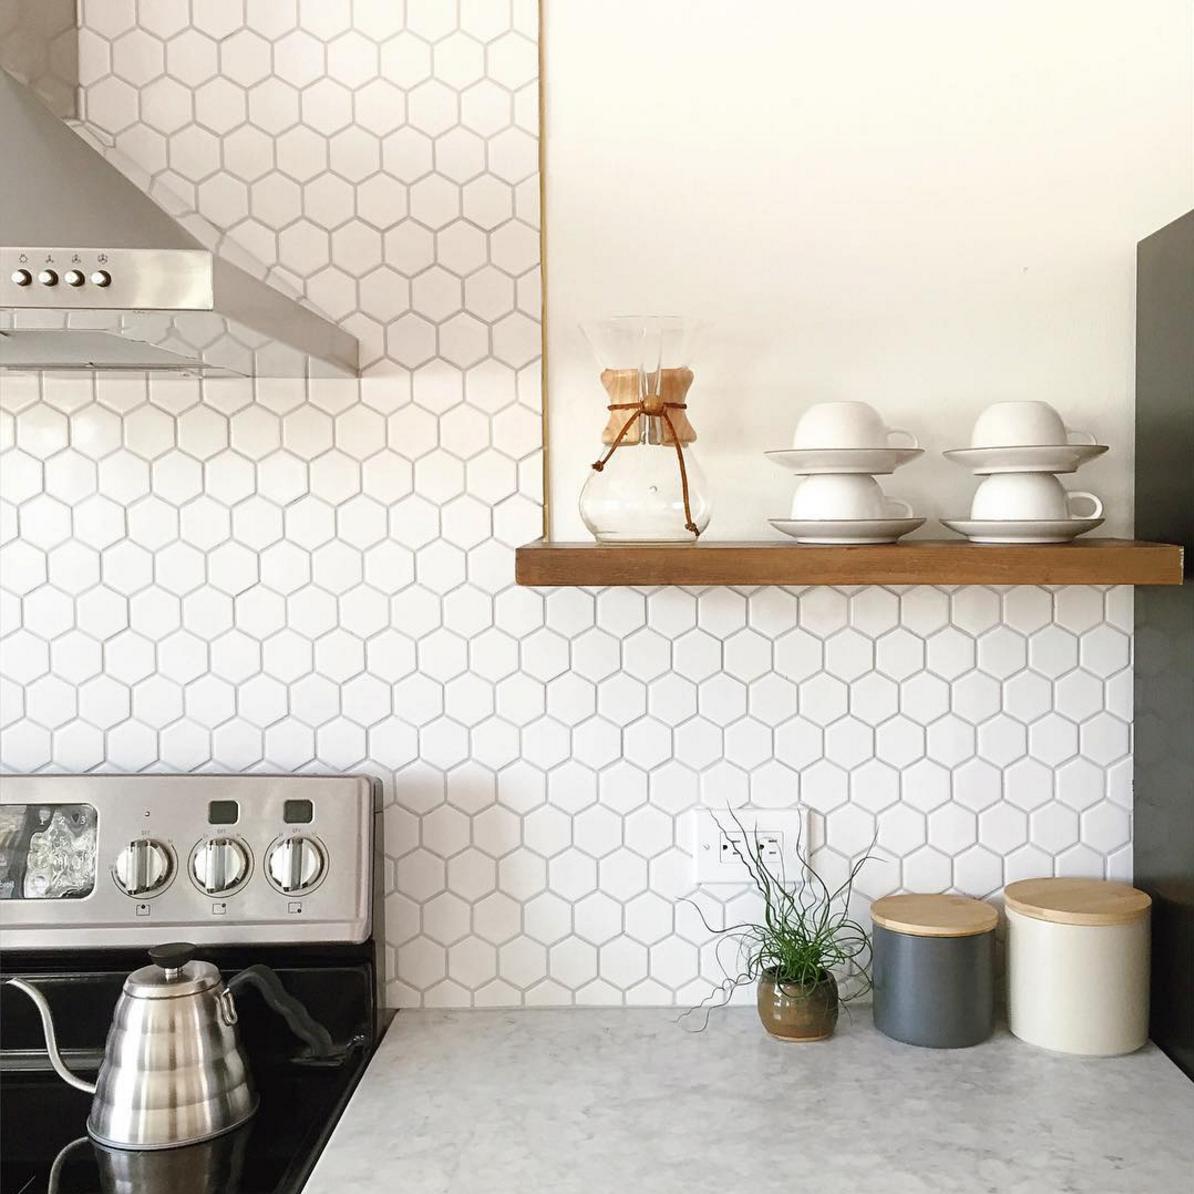 Fliesen | Haus | Pinterest | Fliesen, Küche und Häuschen